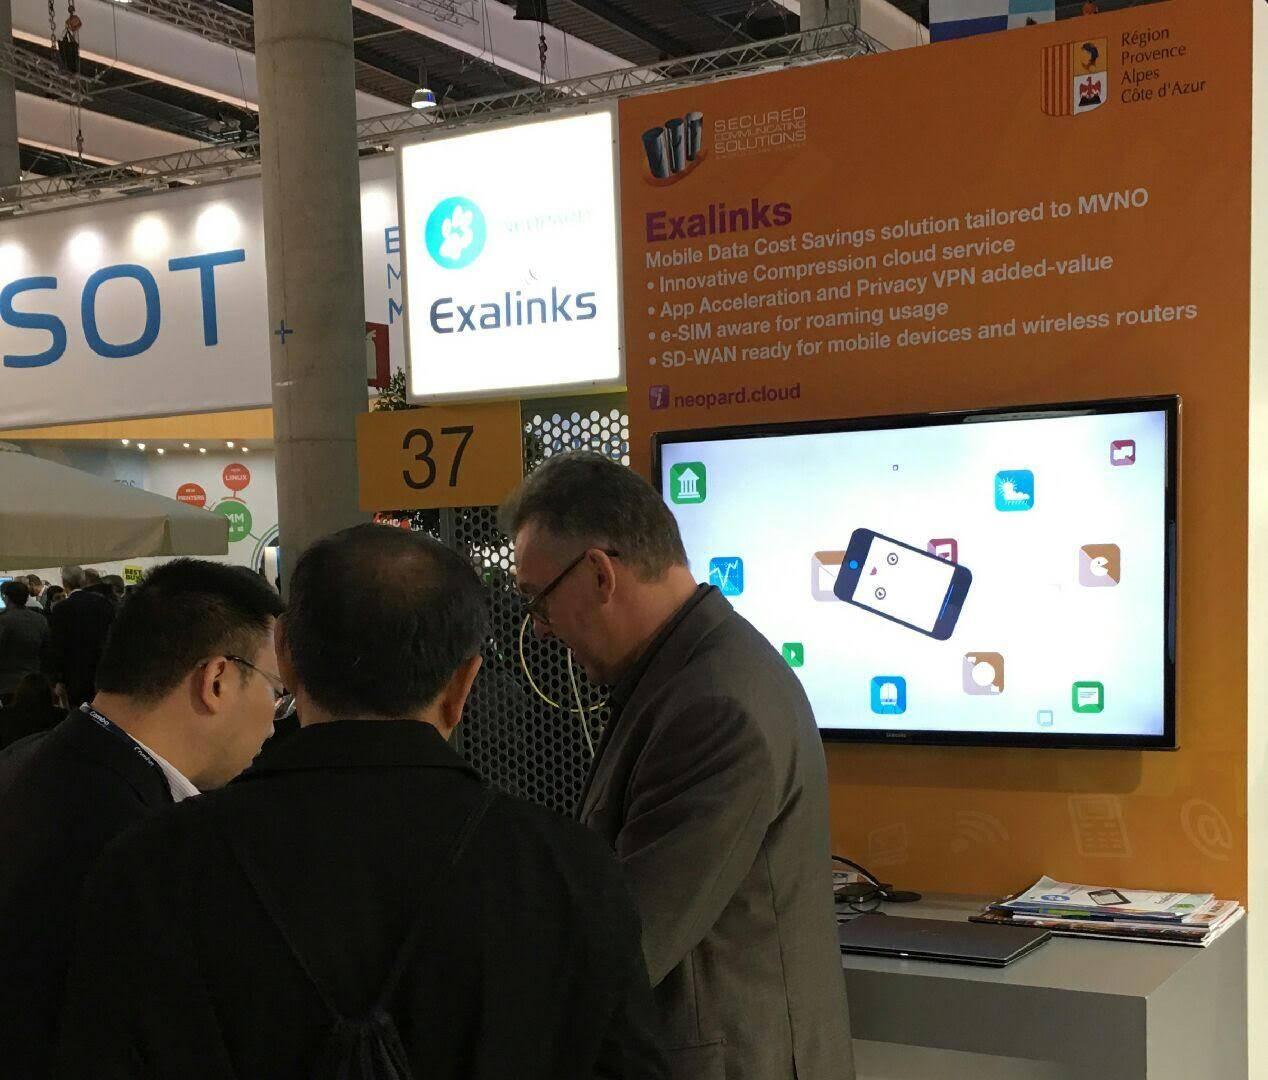 Exalinks édite des logiciels fournissant une solution d'économie de données pour les réseaux mobiles afin de réduire les coûts des opérateurs mobiles virtuels.